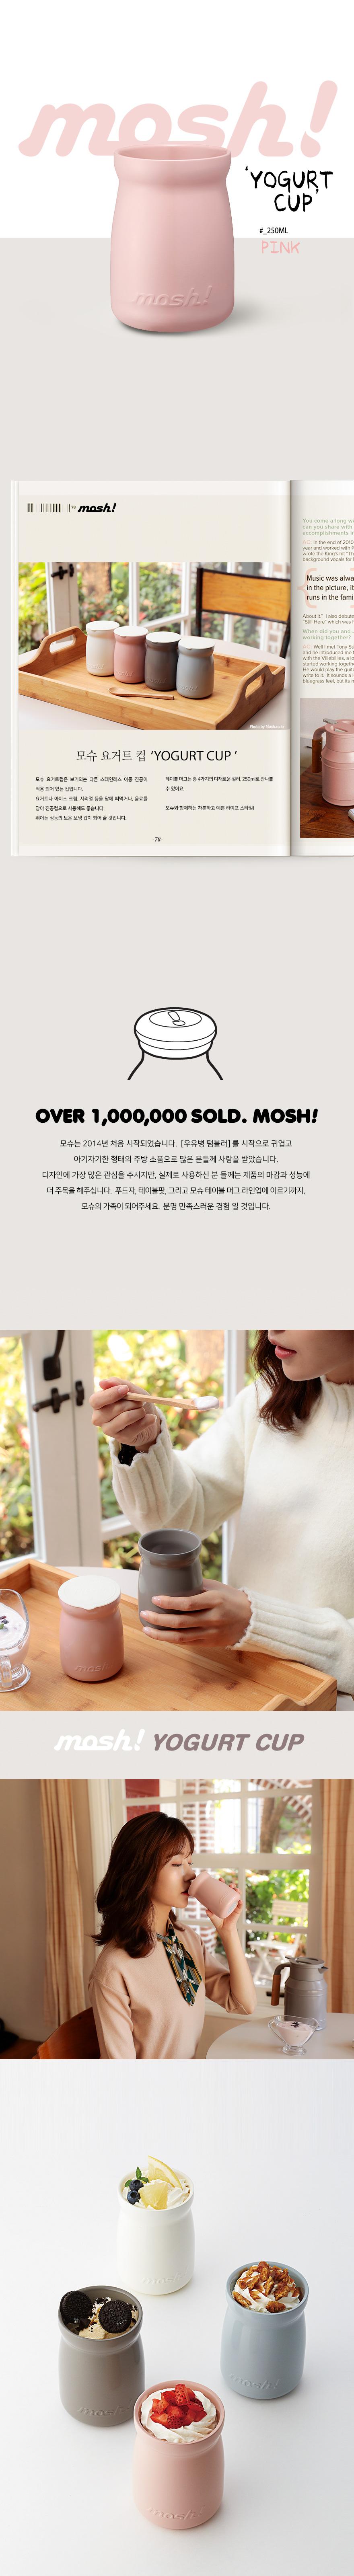 보온보냉 요거트컵_핑크 - 모슈, 25,800원, 보틀/텀블러, 보온보냉병